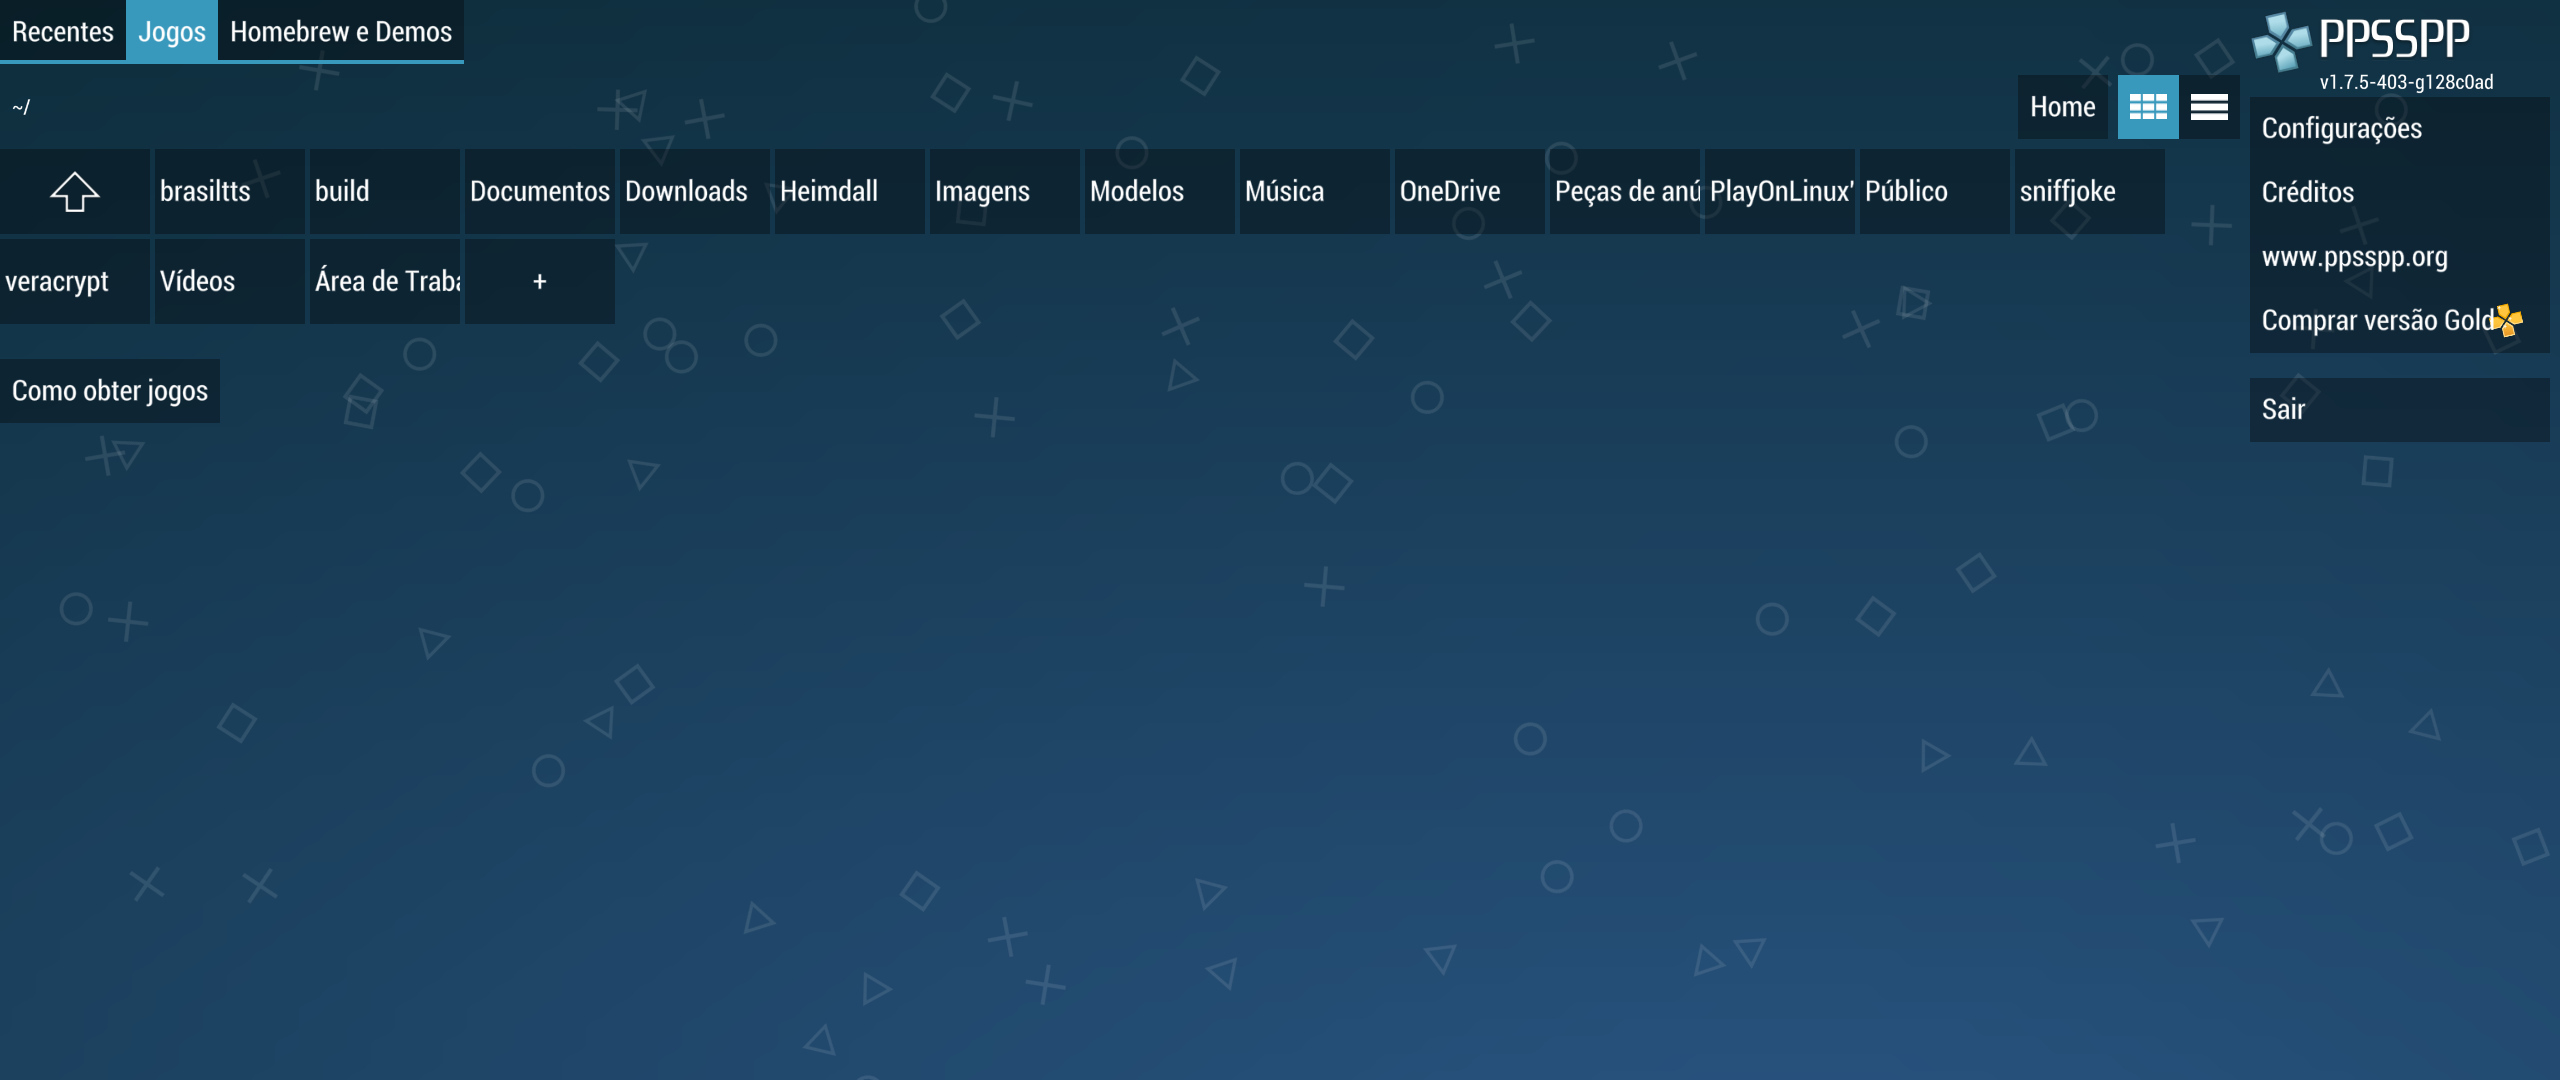 Instalar O Emulador Psp Ppsspp No Ubuntu Debian Fedora No Linux 5